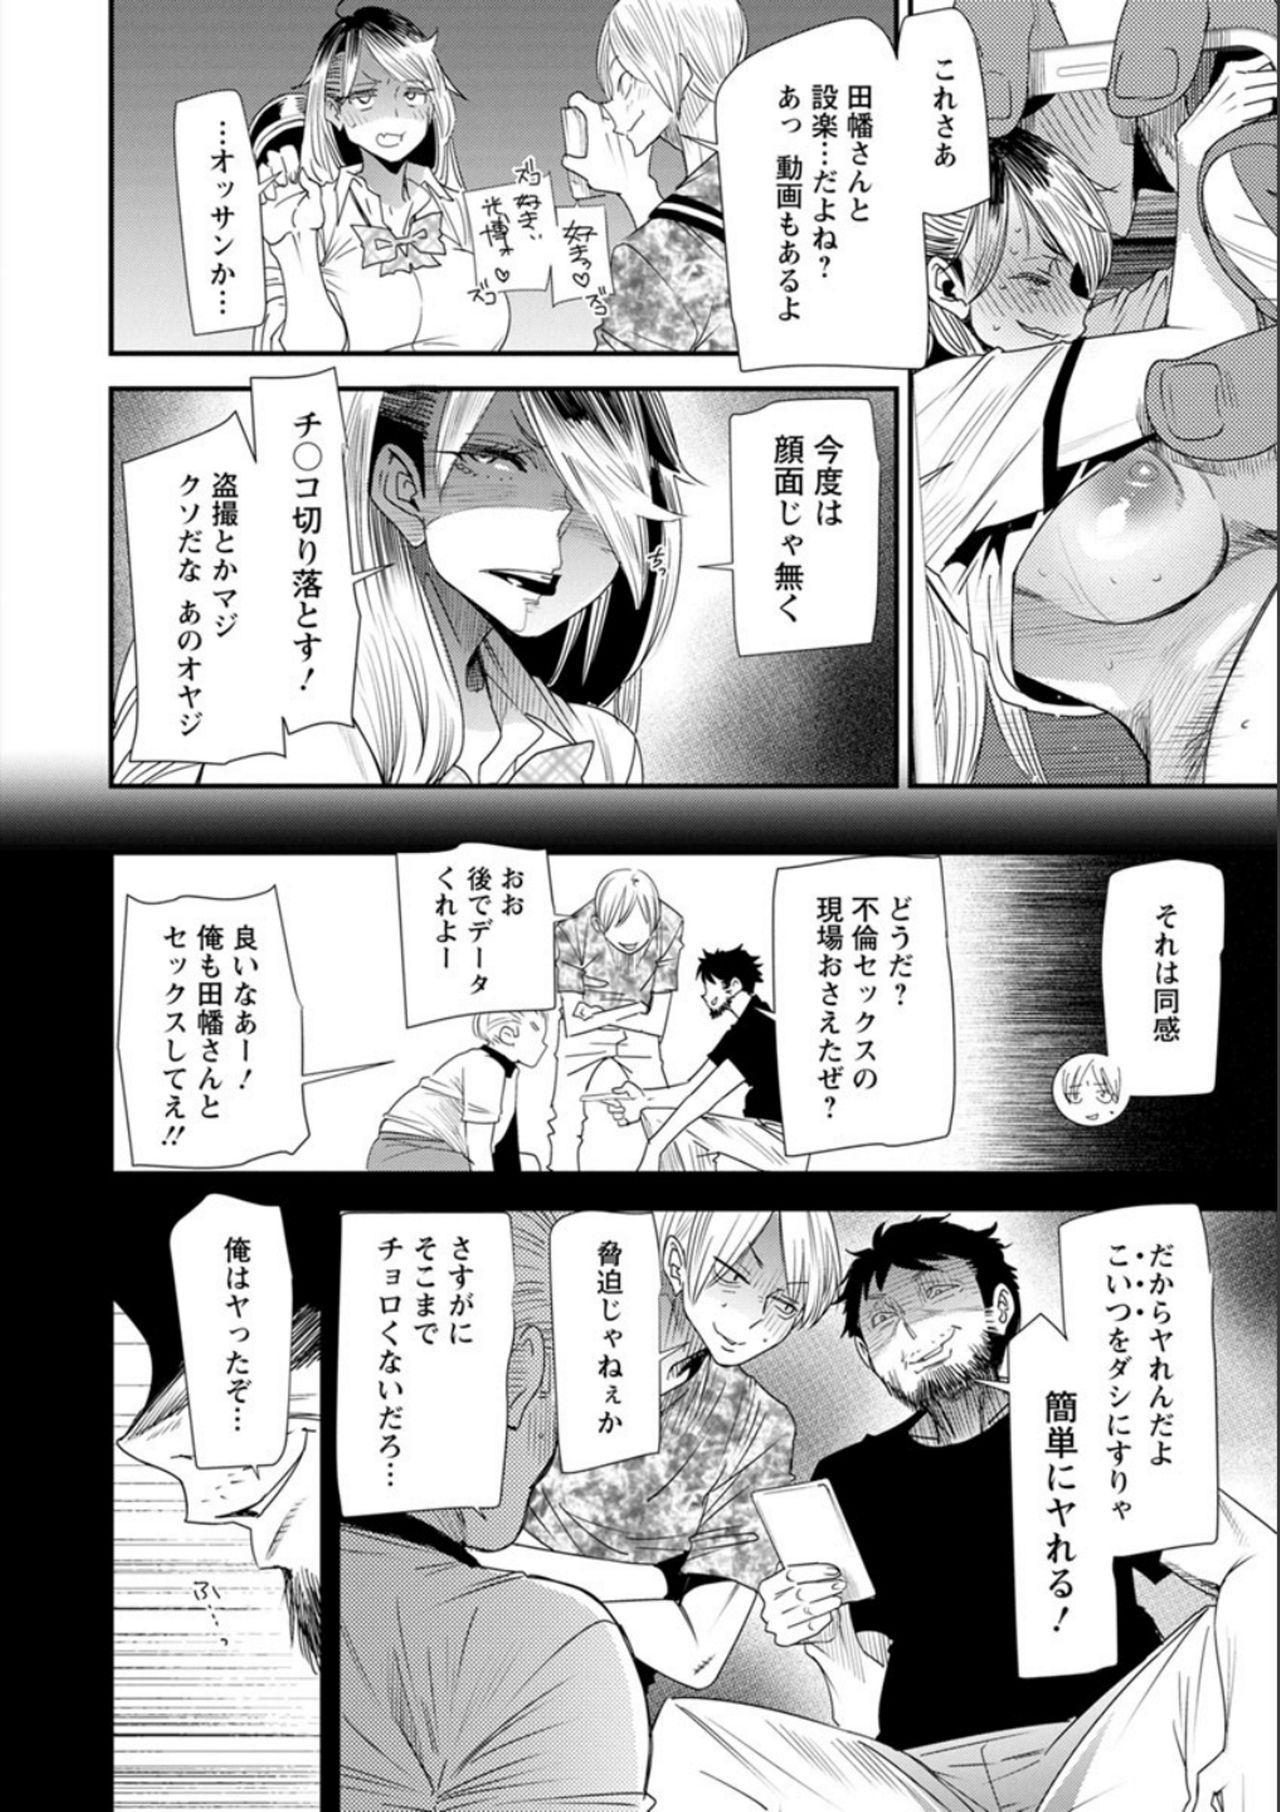 Nao's Secret 71